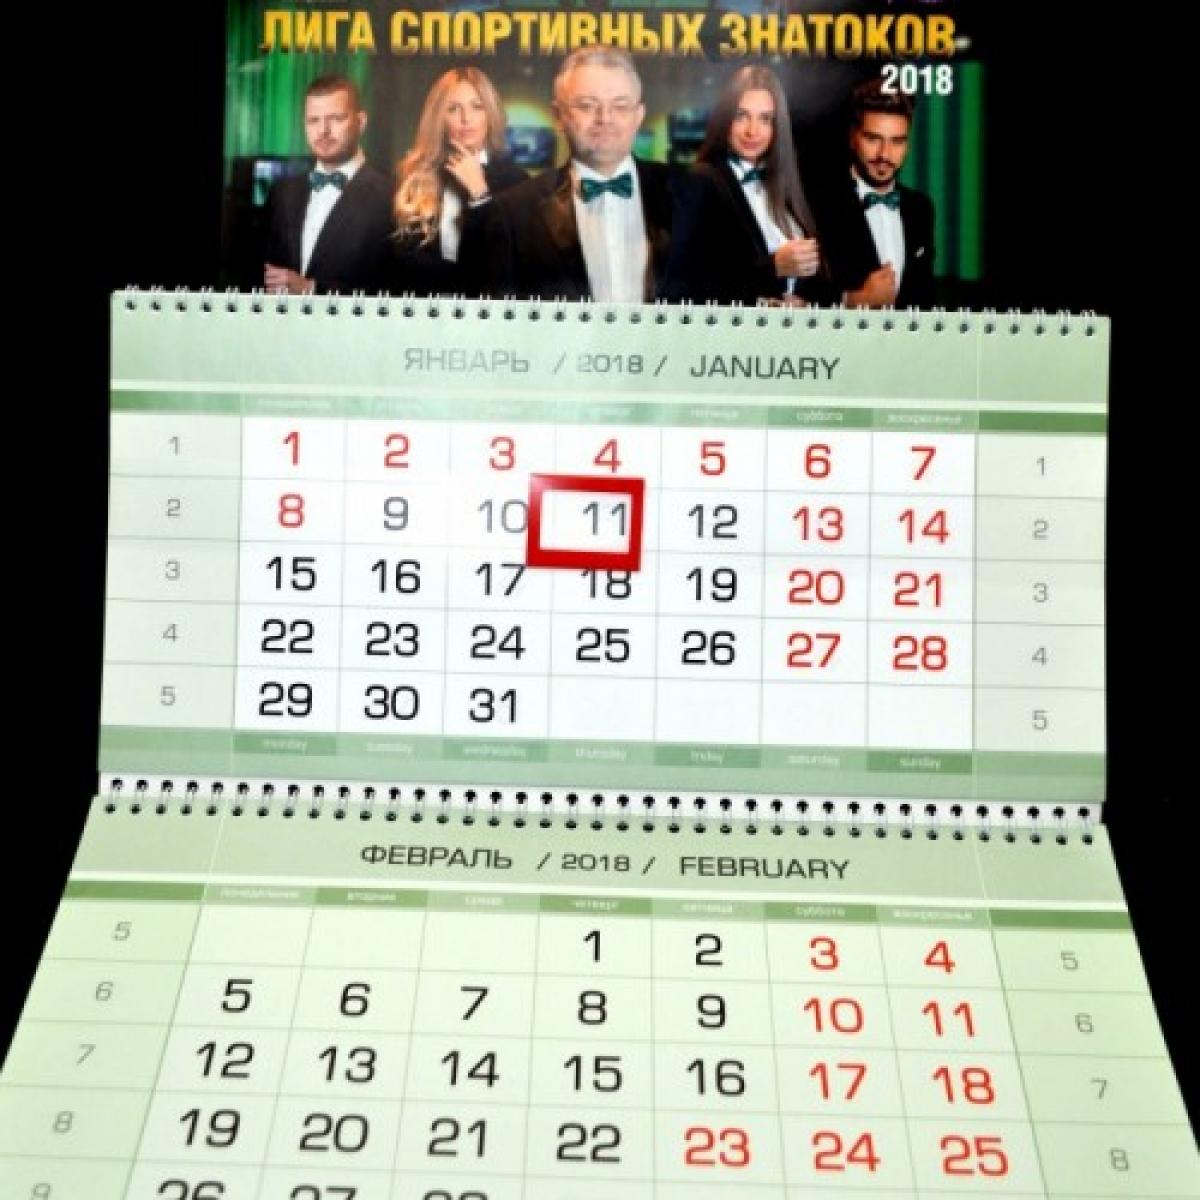 Квартальный календарь Лига